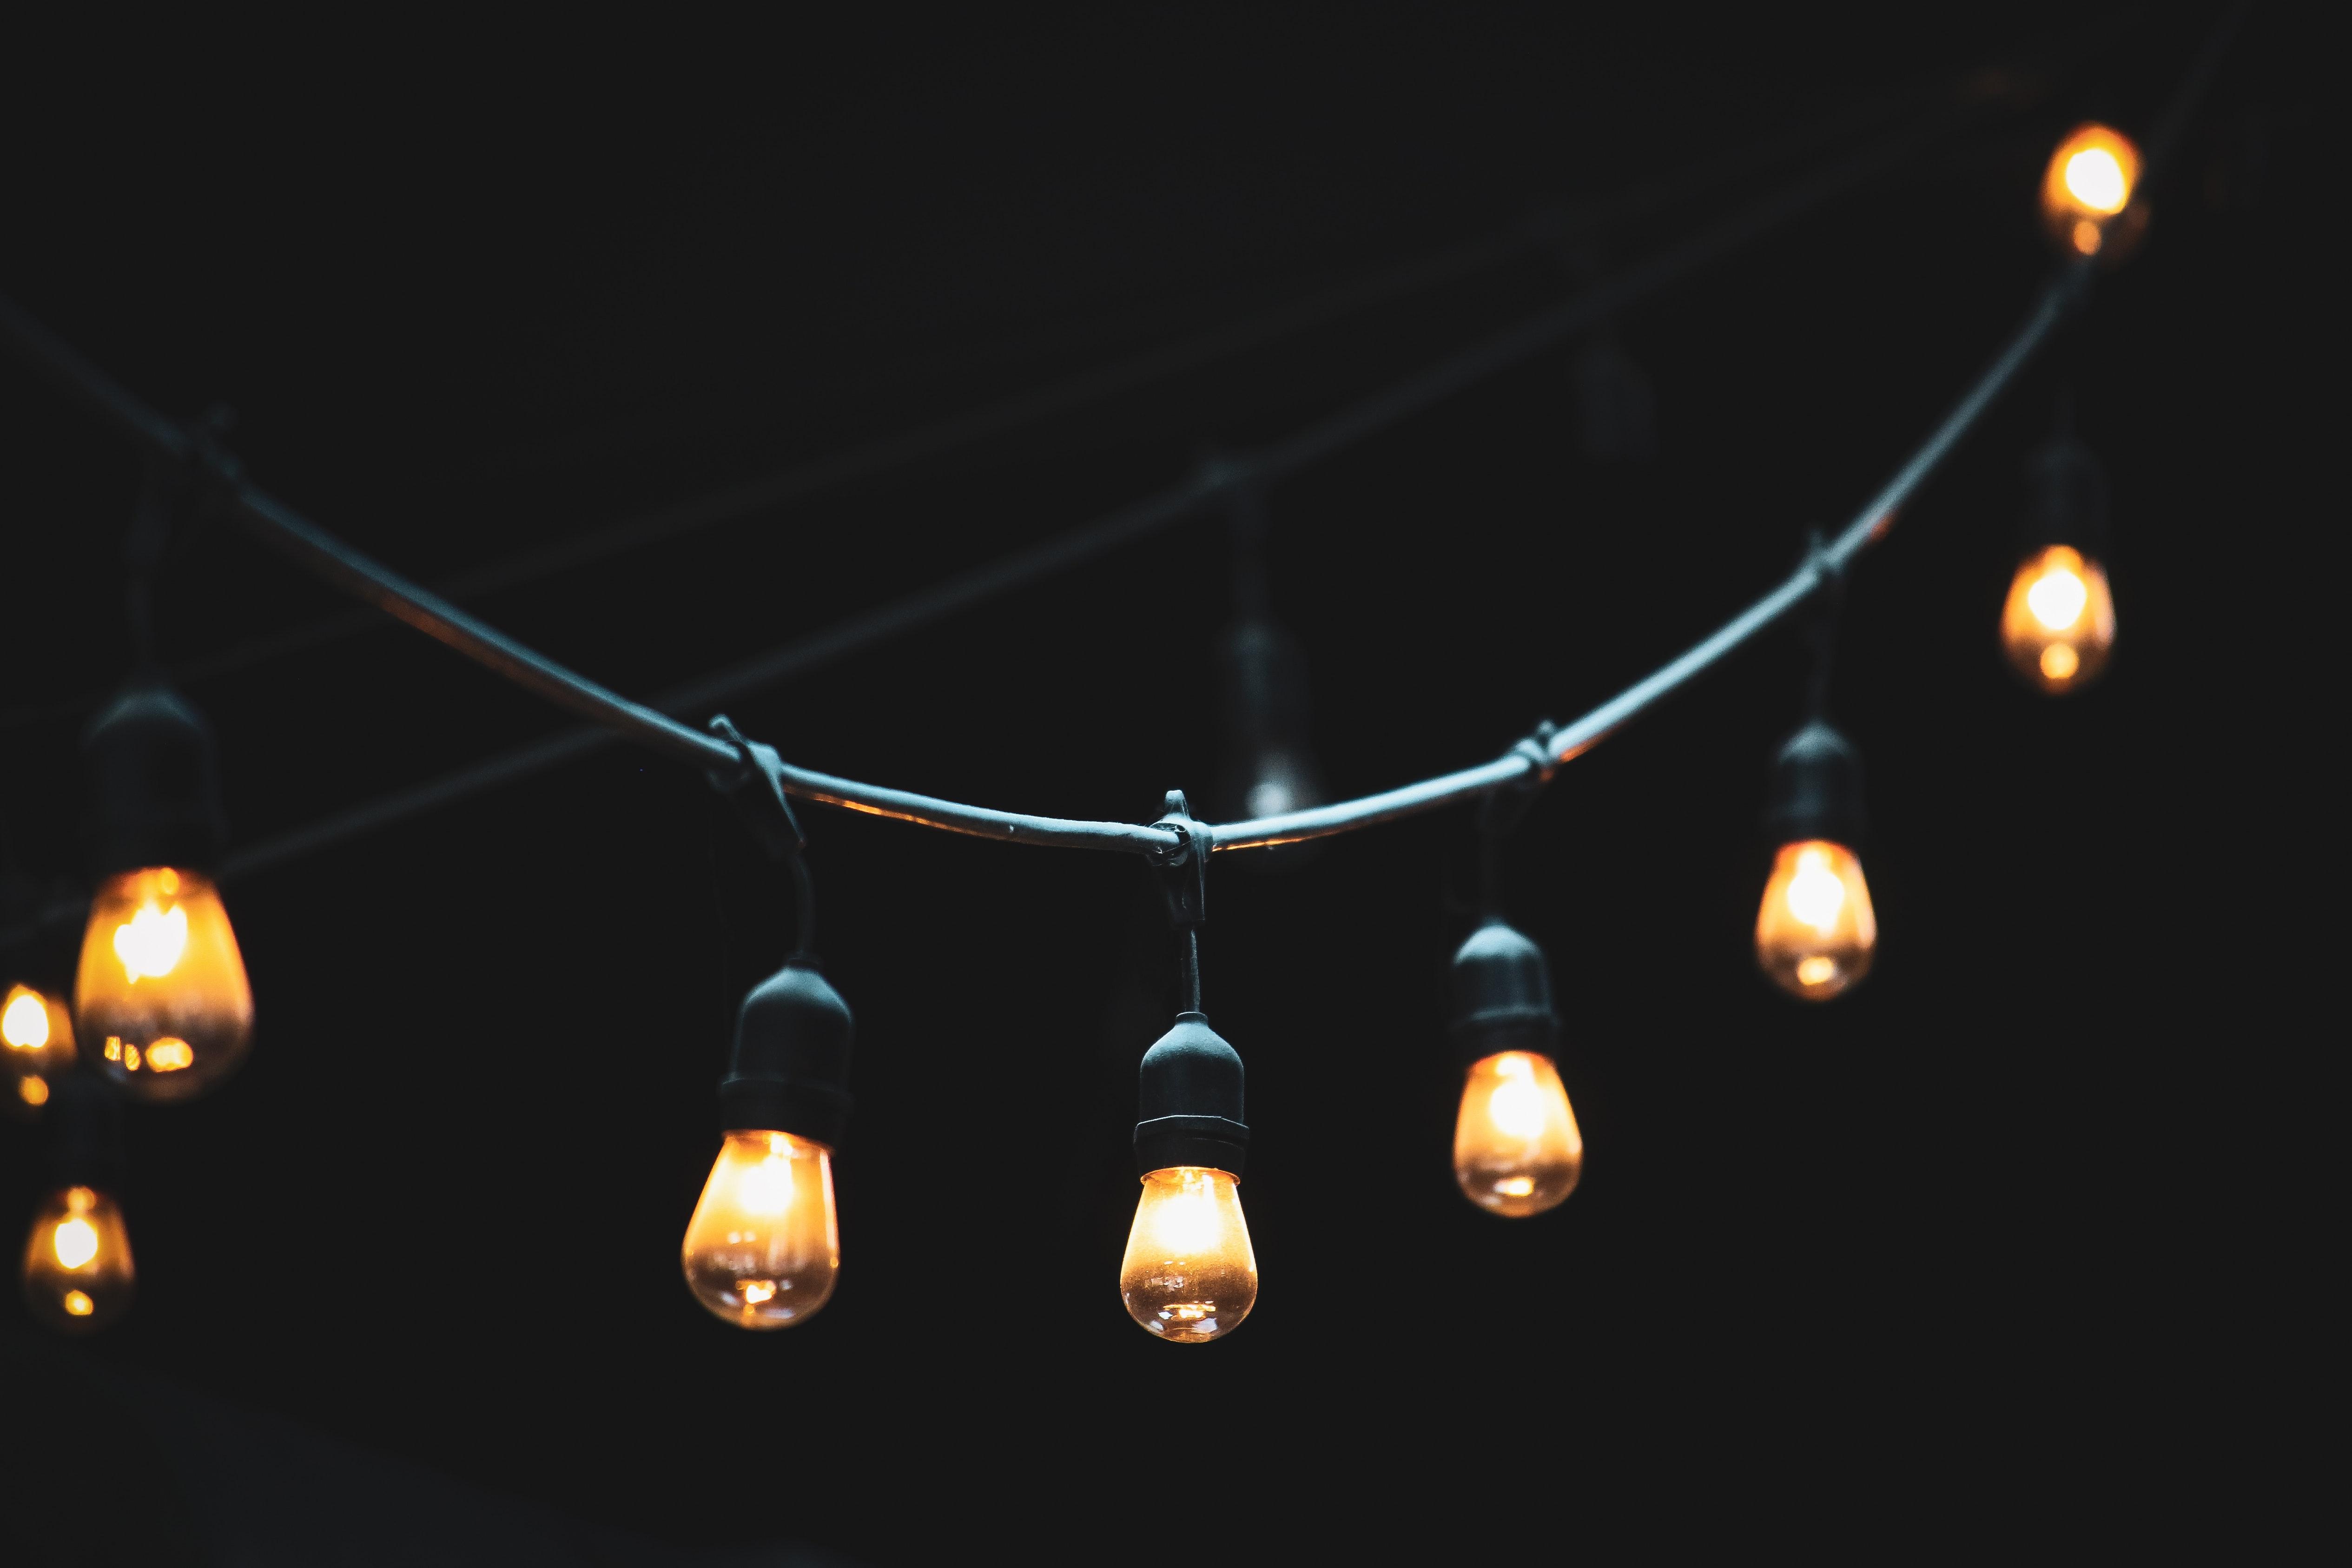 Zupełnie nowe Oświetlenie imprezy: Jakie są jego rodzaje? Co warto wiedzieć KU72